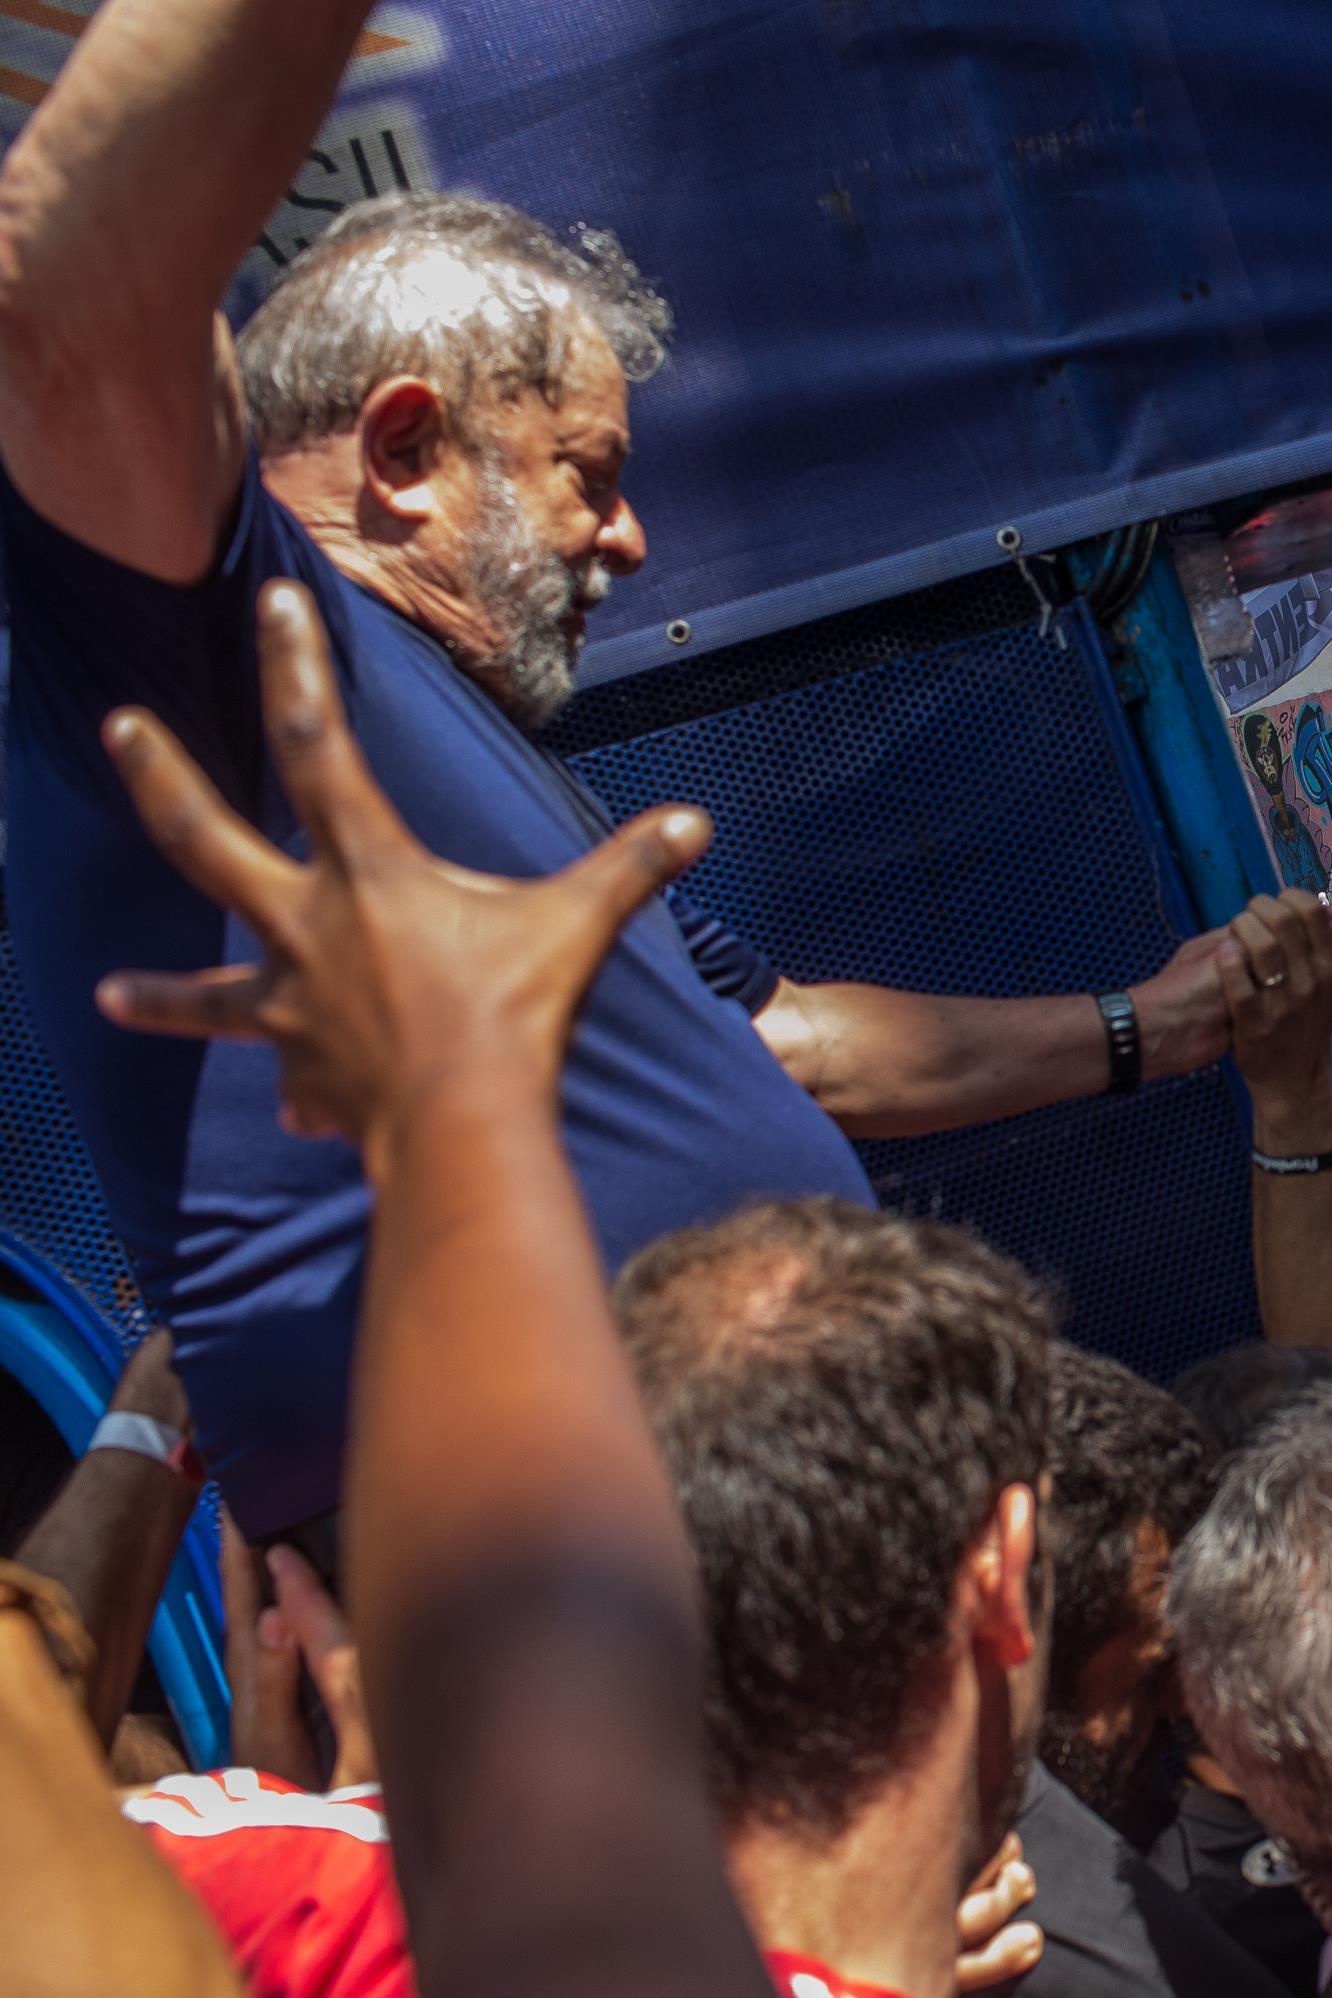 Lula da Silva est soulevé par des syndiqués lors d'une visite au quartier général du syndicat des métallurgistes à Sao Bernardo do Campo, au Brésil, le 7 avril 2018.